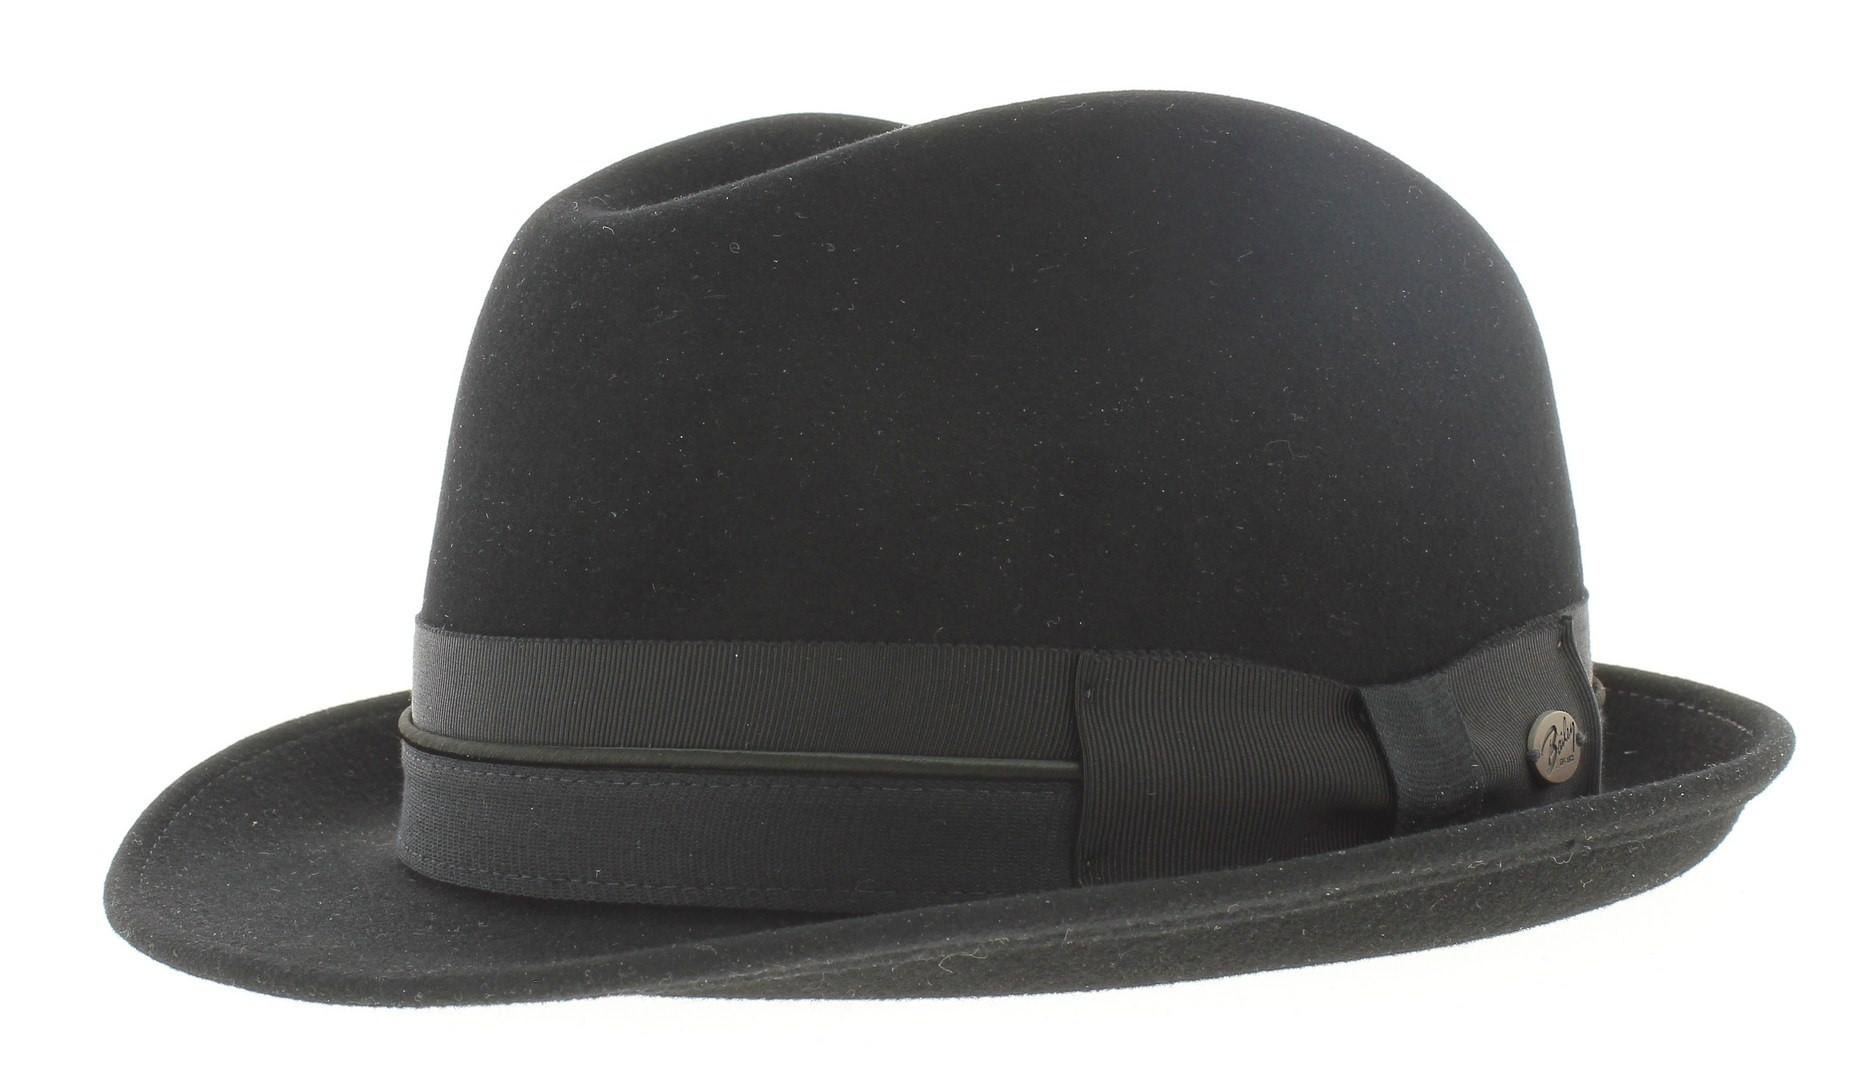 Chapeau de Soleil Coup de Chaleur Pr/évention du Chapeau de Protection Contre Le Soleil Capuchon de Refroidissement Casquette /à visi/ère pour Hommes